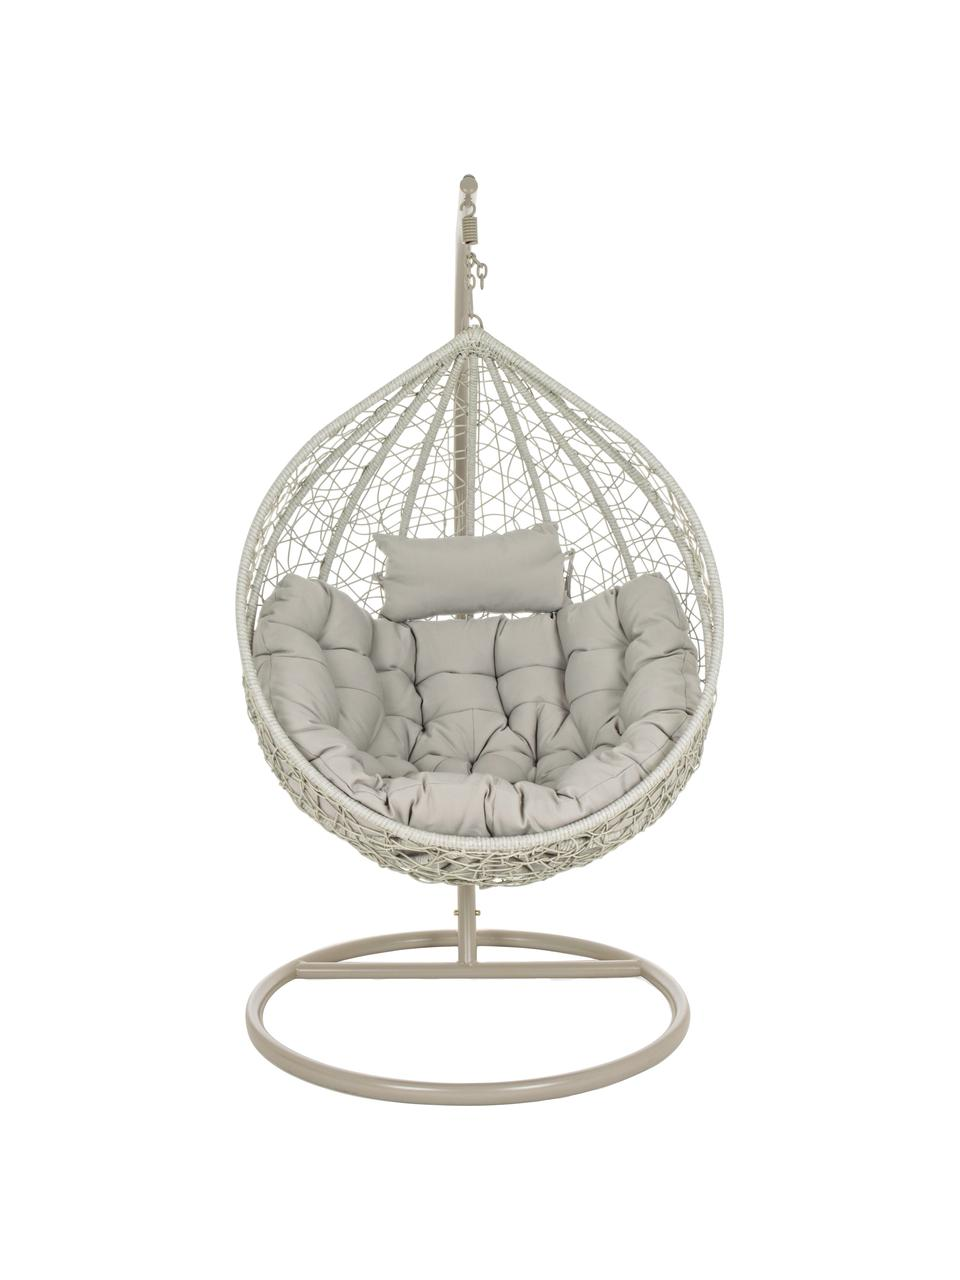 Fotel wiszący z wikliny z metalową ramą Amirantes, Tapicerka: poliester, Szary, Ø 105 x W 198 cm